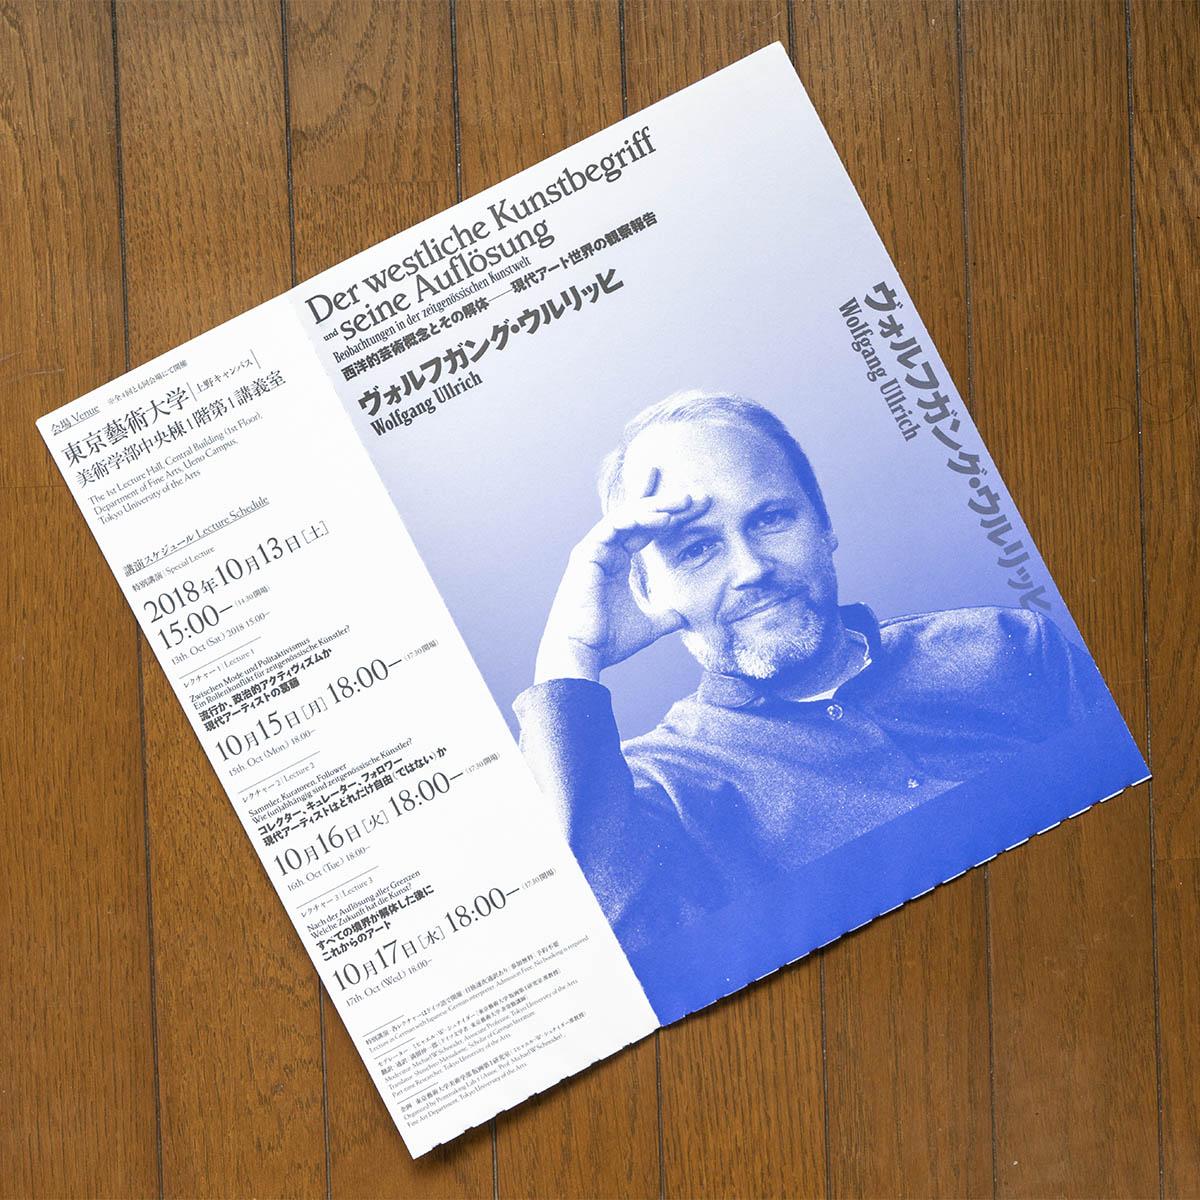 ヴォルフガング・ウルリッヒ氏の連続講演「西洋的芸術概念とその解体 ——— 現代アート世界の観察報告」のリーフレット